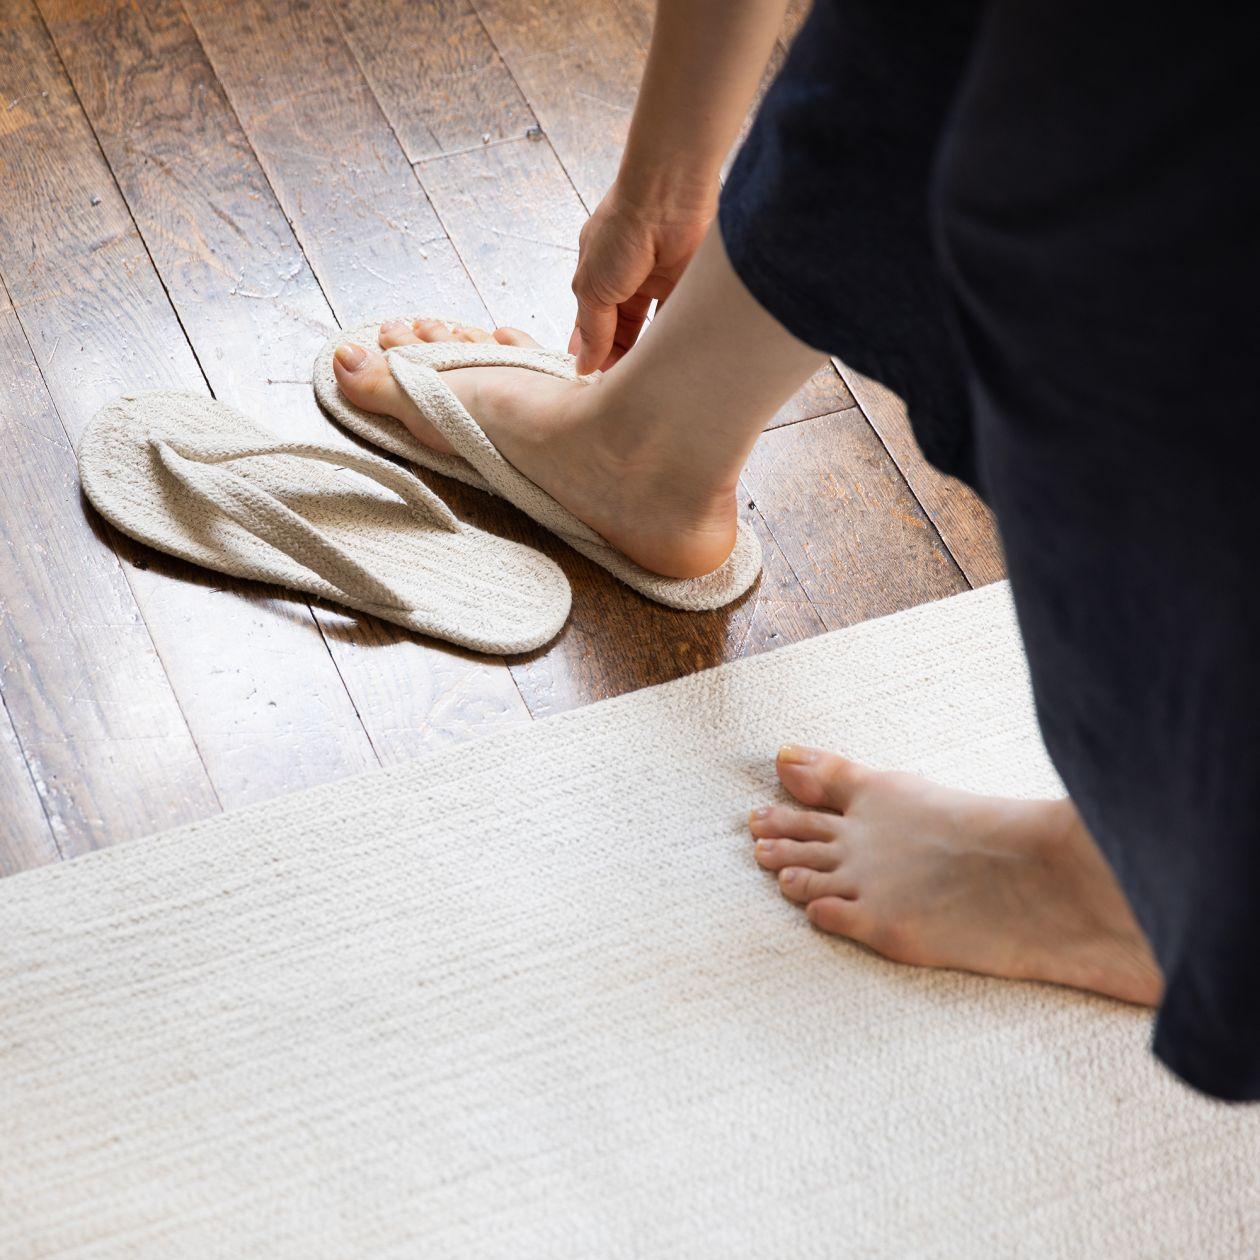 靈感來自印度人實際穿著的拖鞋,去除不需要的部分,改良製作而成